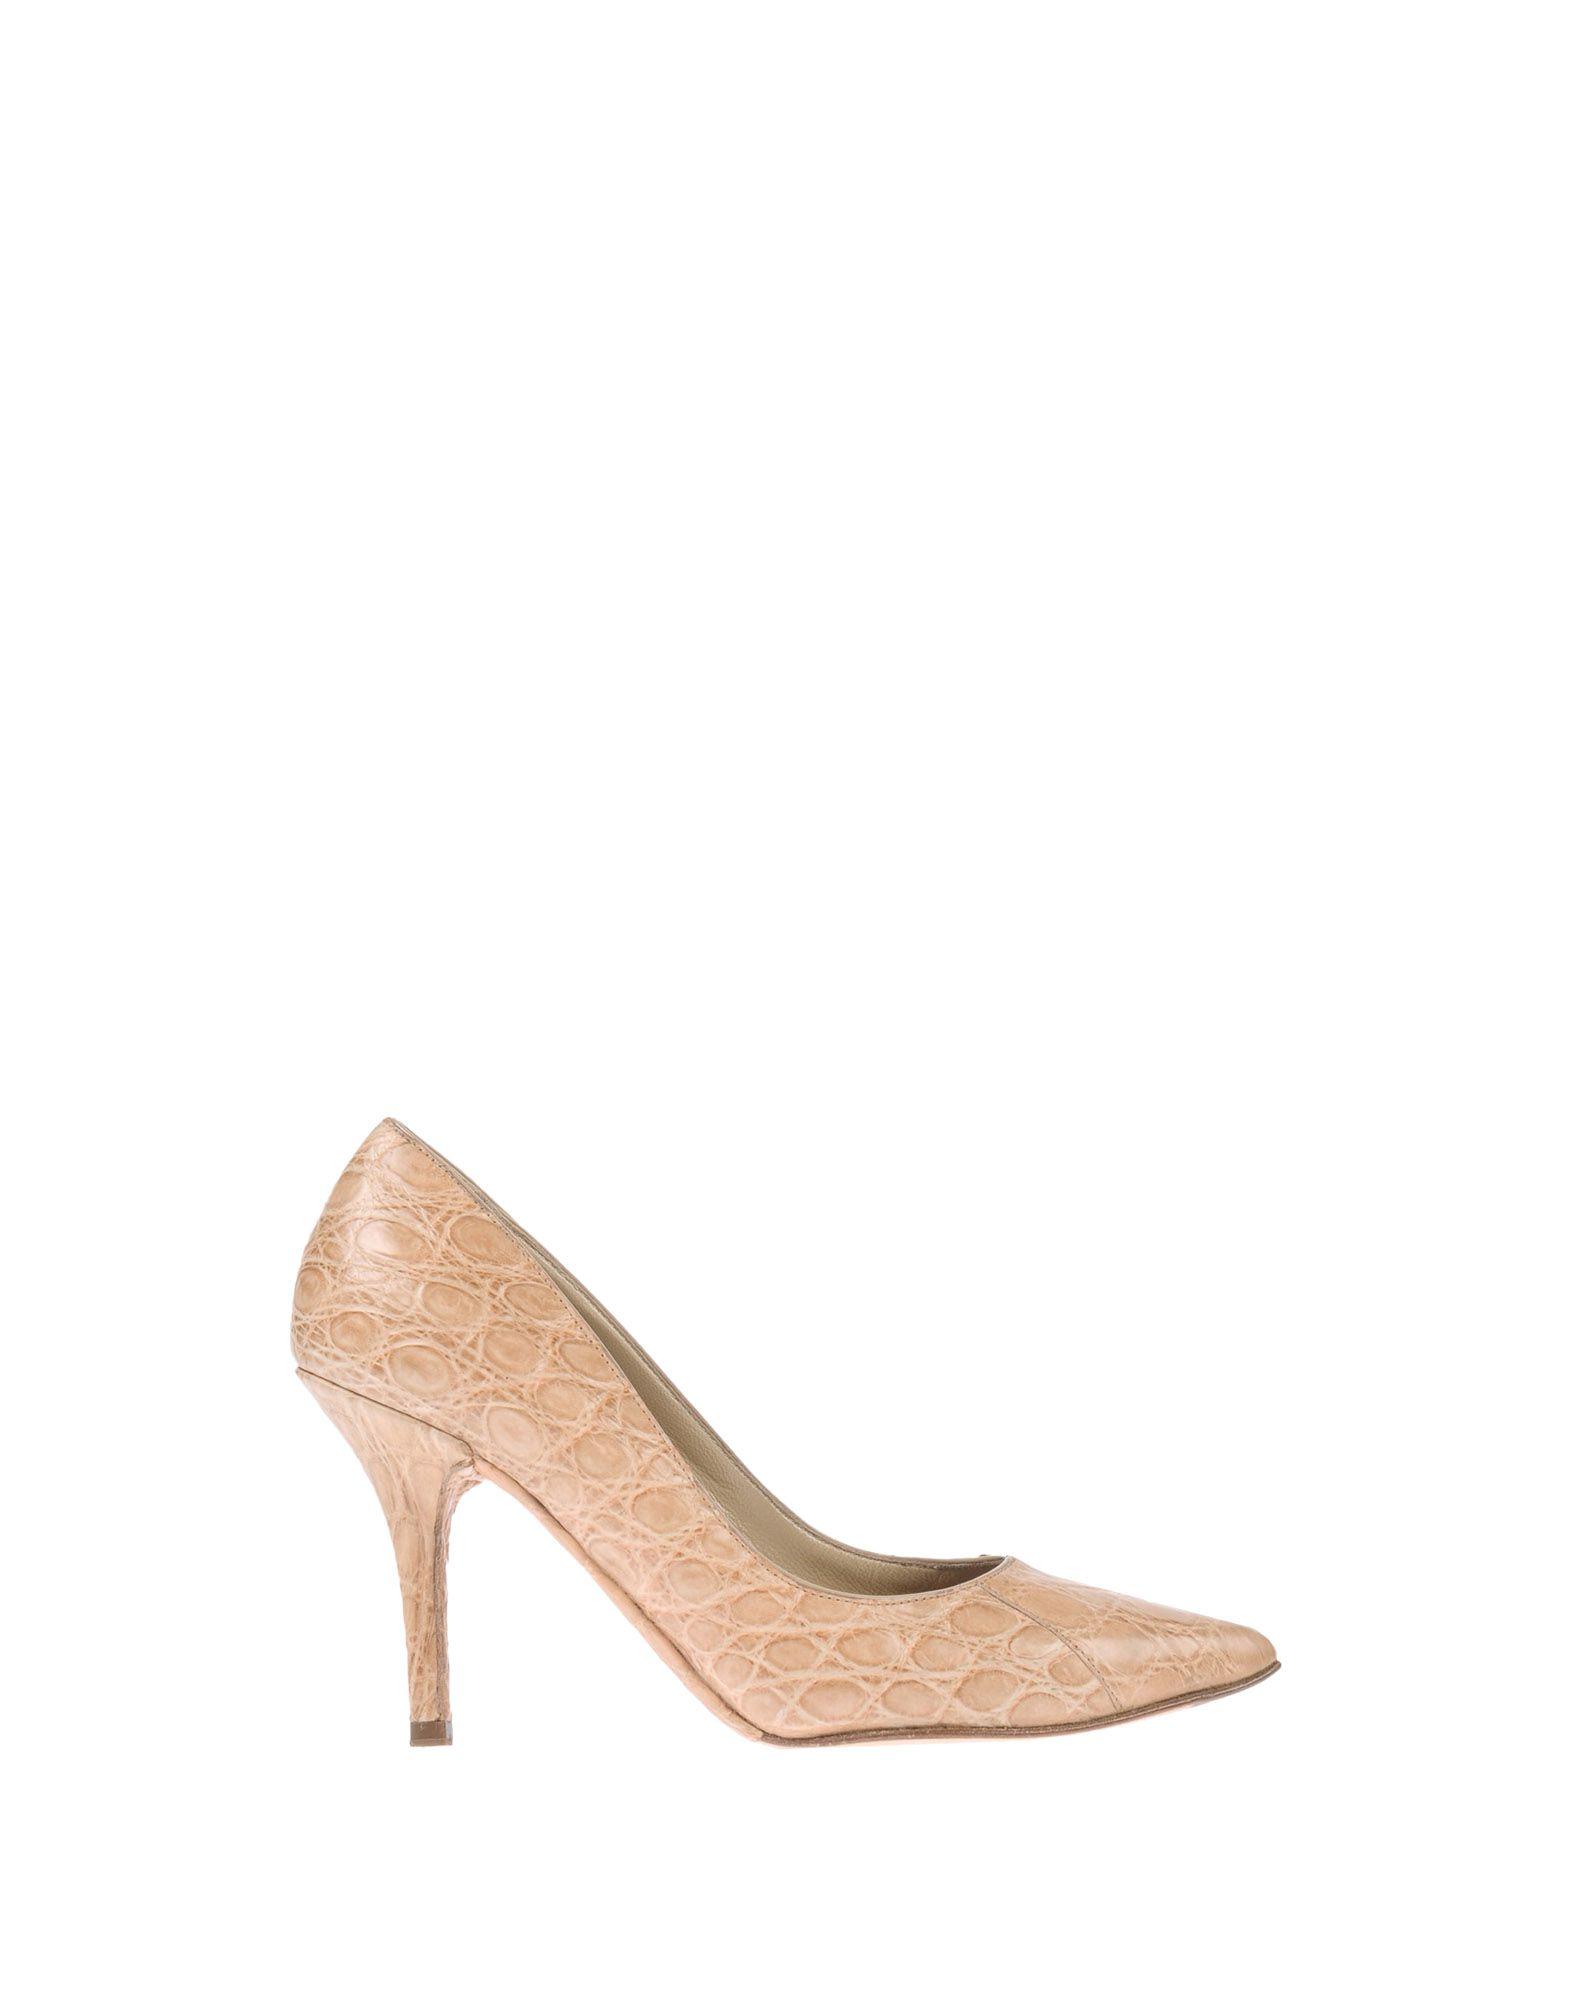 Dolce sich & Gabbana Pumps Damen Gutes Preis-Leistungs-Verhältnis, es lohnt sich Dolce 4330b5